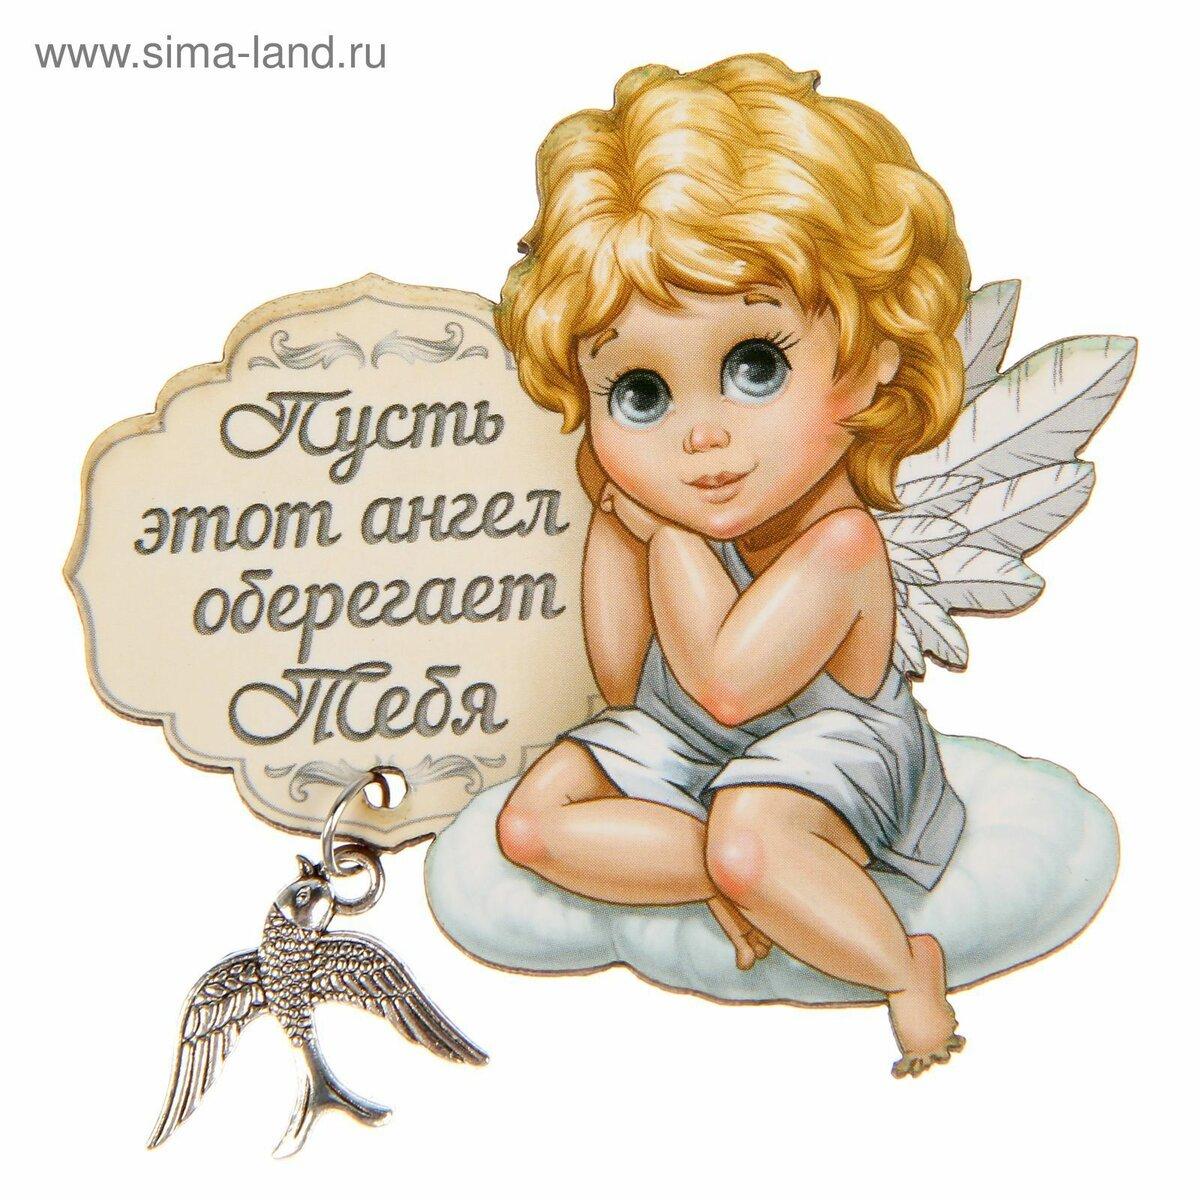 открытка с ангелом все будет хорошо вопросы выбрав